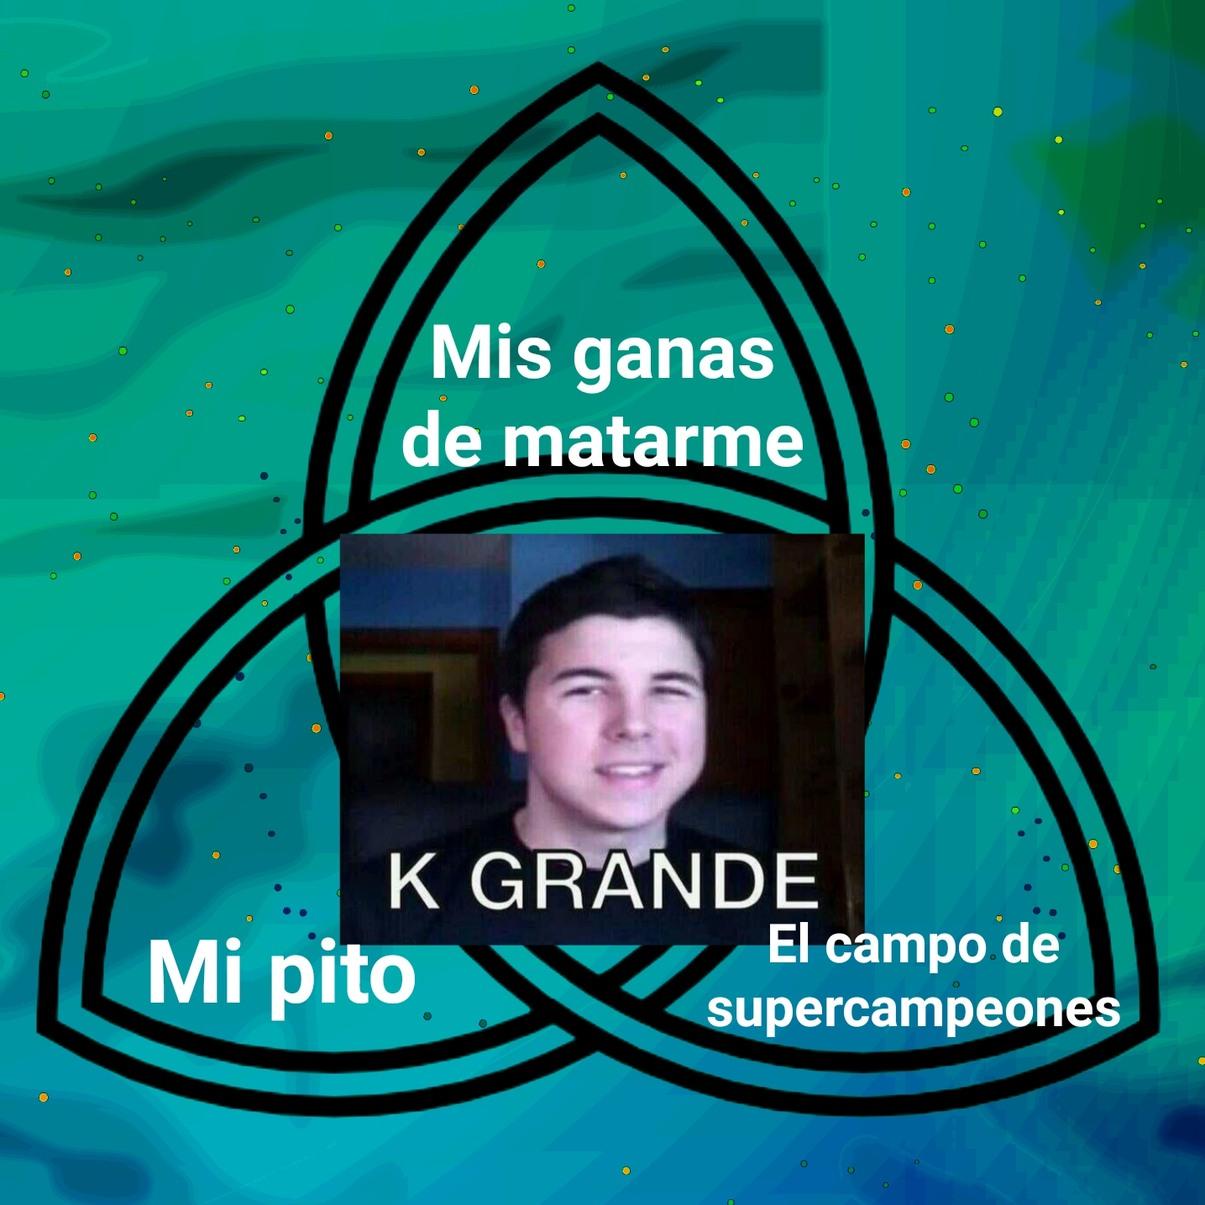 K grande - meme